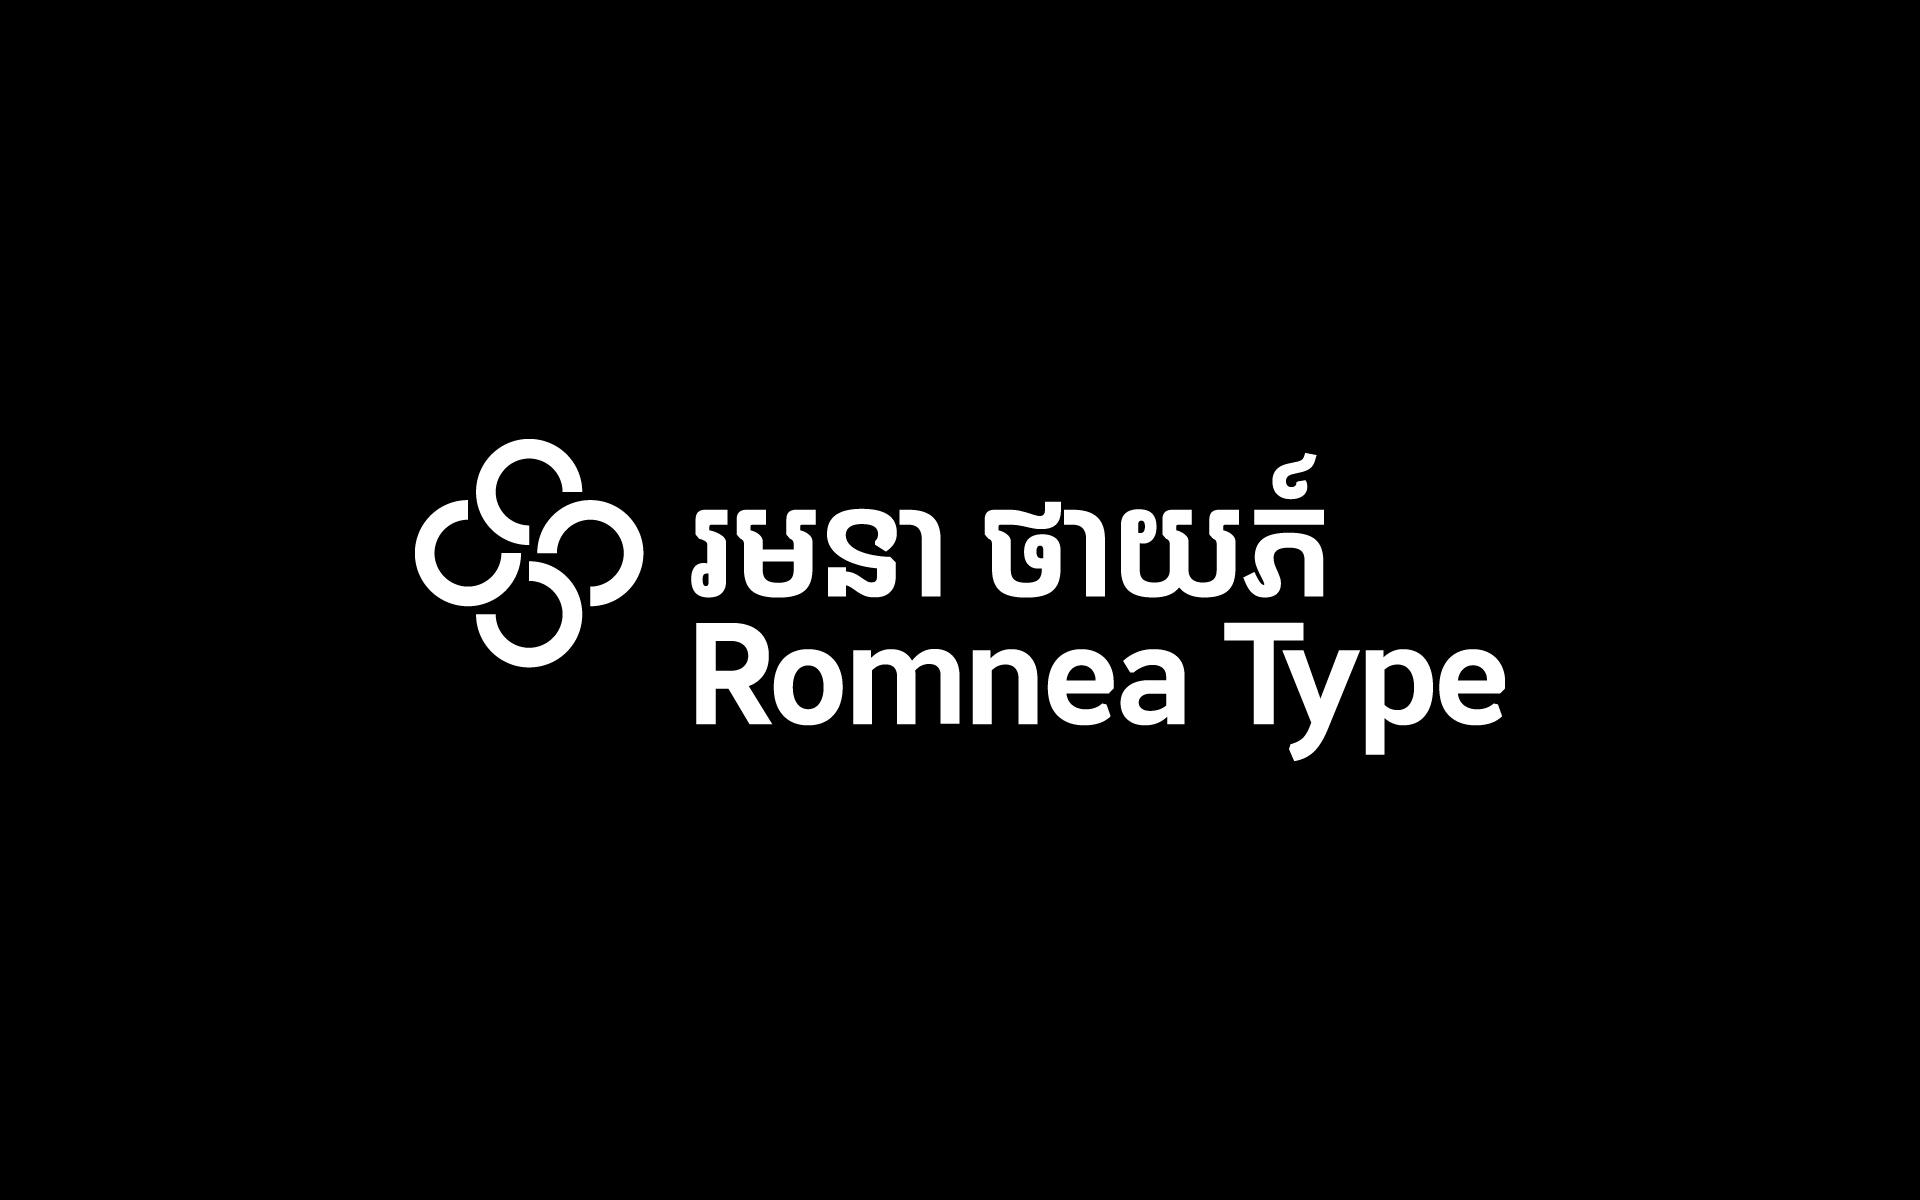 Logo-and-Brandmark-Designs-8.jpg